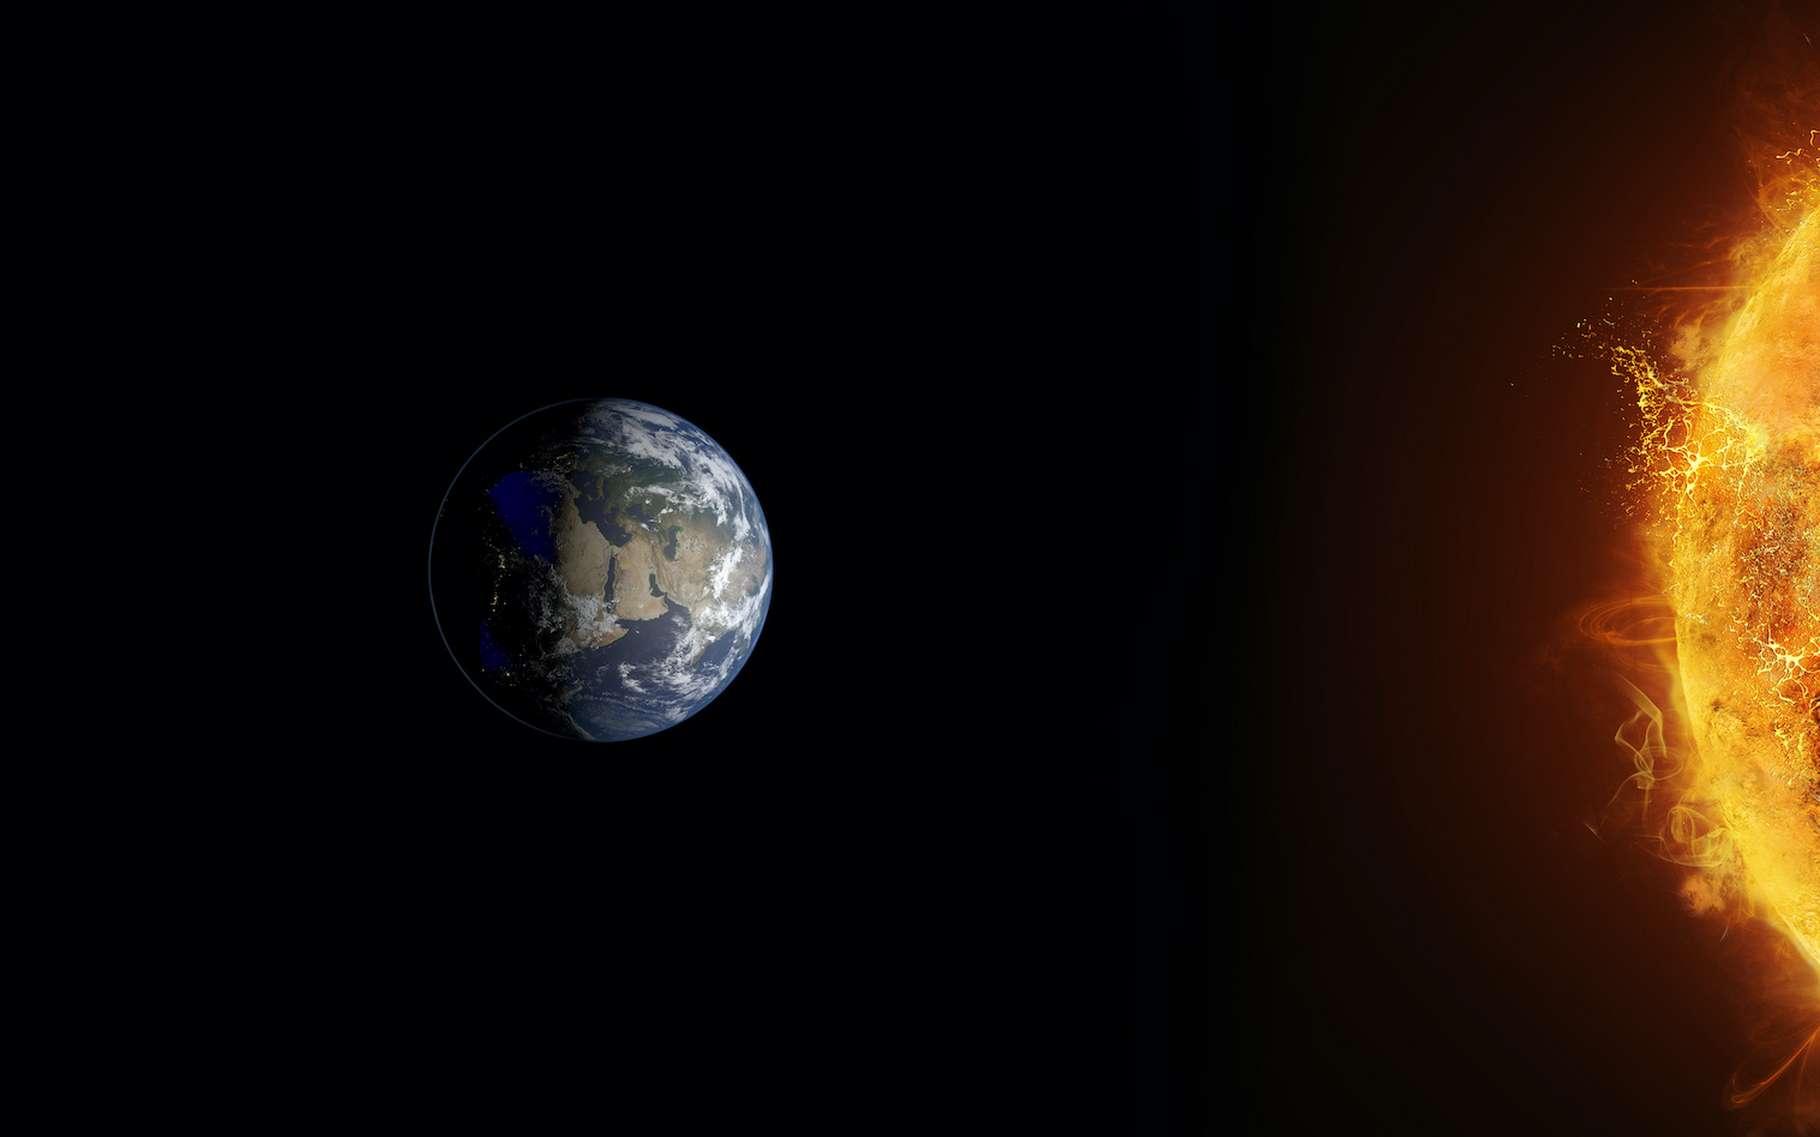 La géoingénierie solaire propose de gérer le rayonnement que la Terre reçoit du Soleil dans le but de limiter le réchauffement anthropique dû aux émissions de gaz à effet de serre. © trahko, Adobe Stock